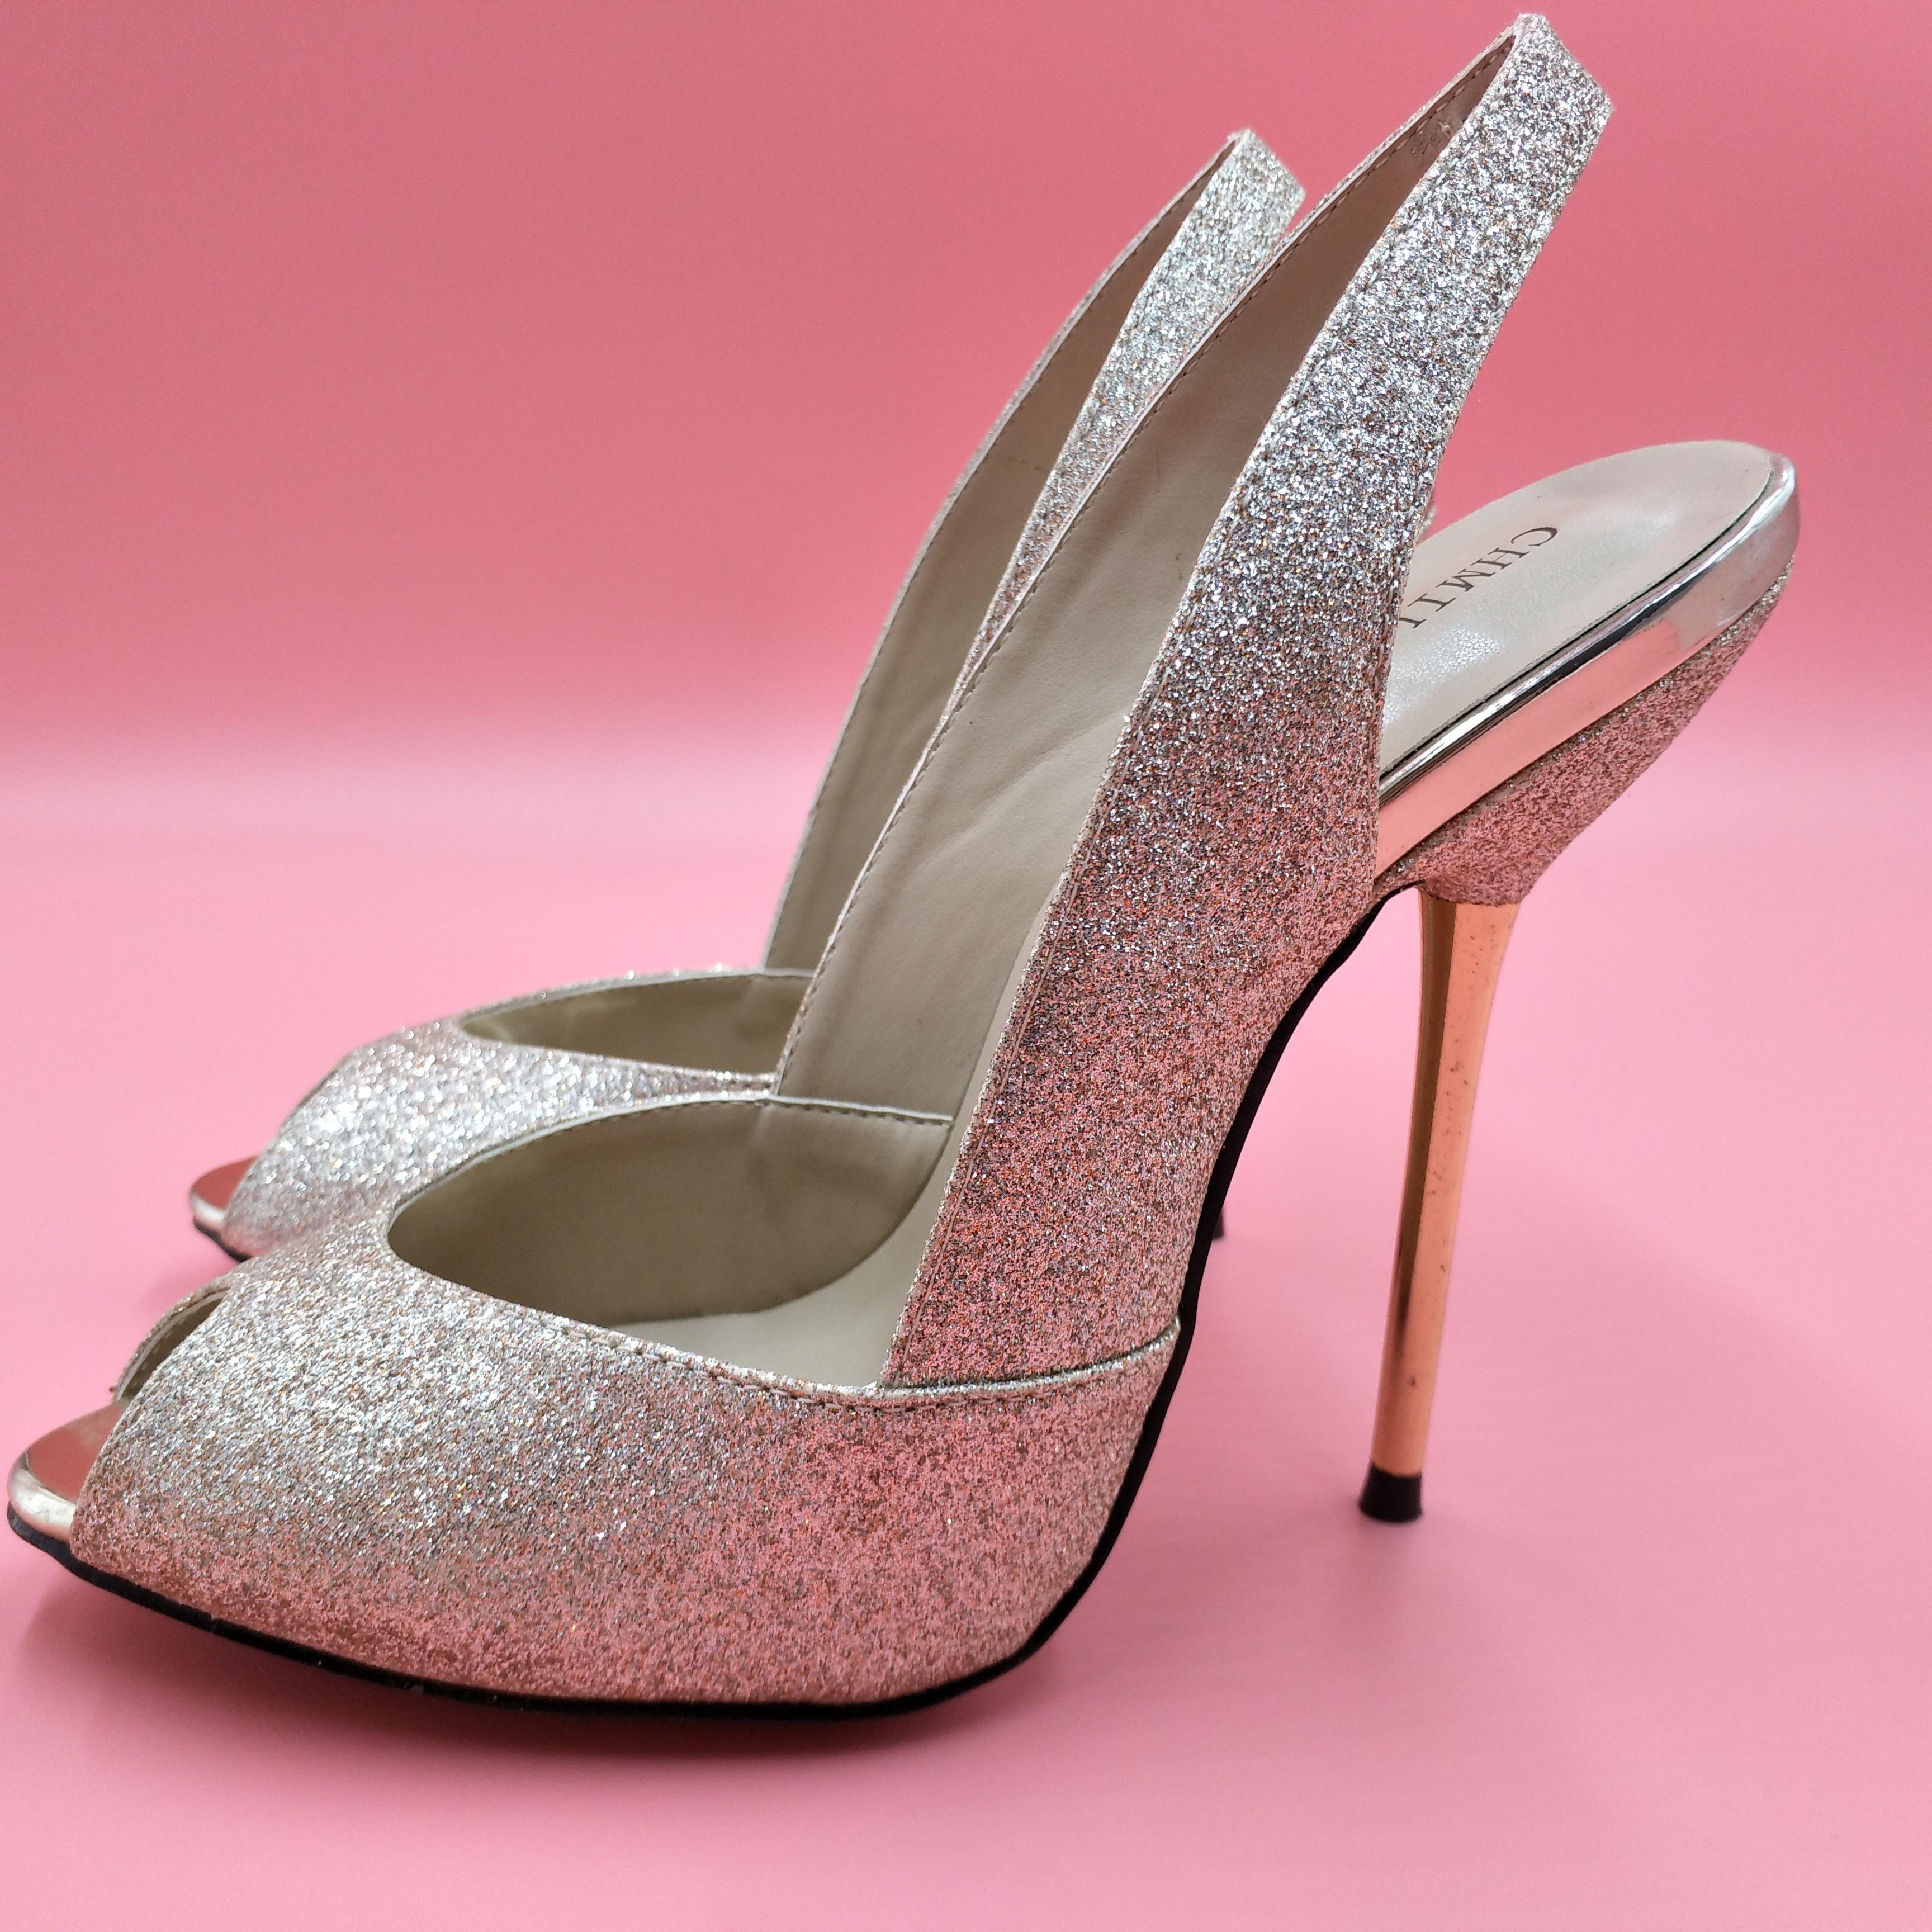 Sexy Gold Glitter bombas alto talón Bridals vestido fiesta mujeres bombas verano nuevo Peep Toe Sling Back Stiletto boca de pez 11cm tacones